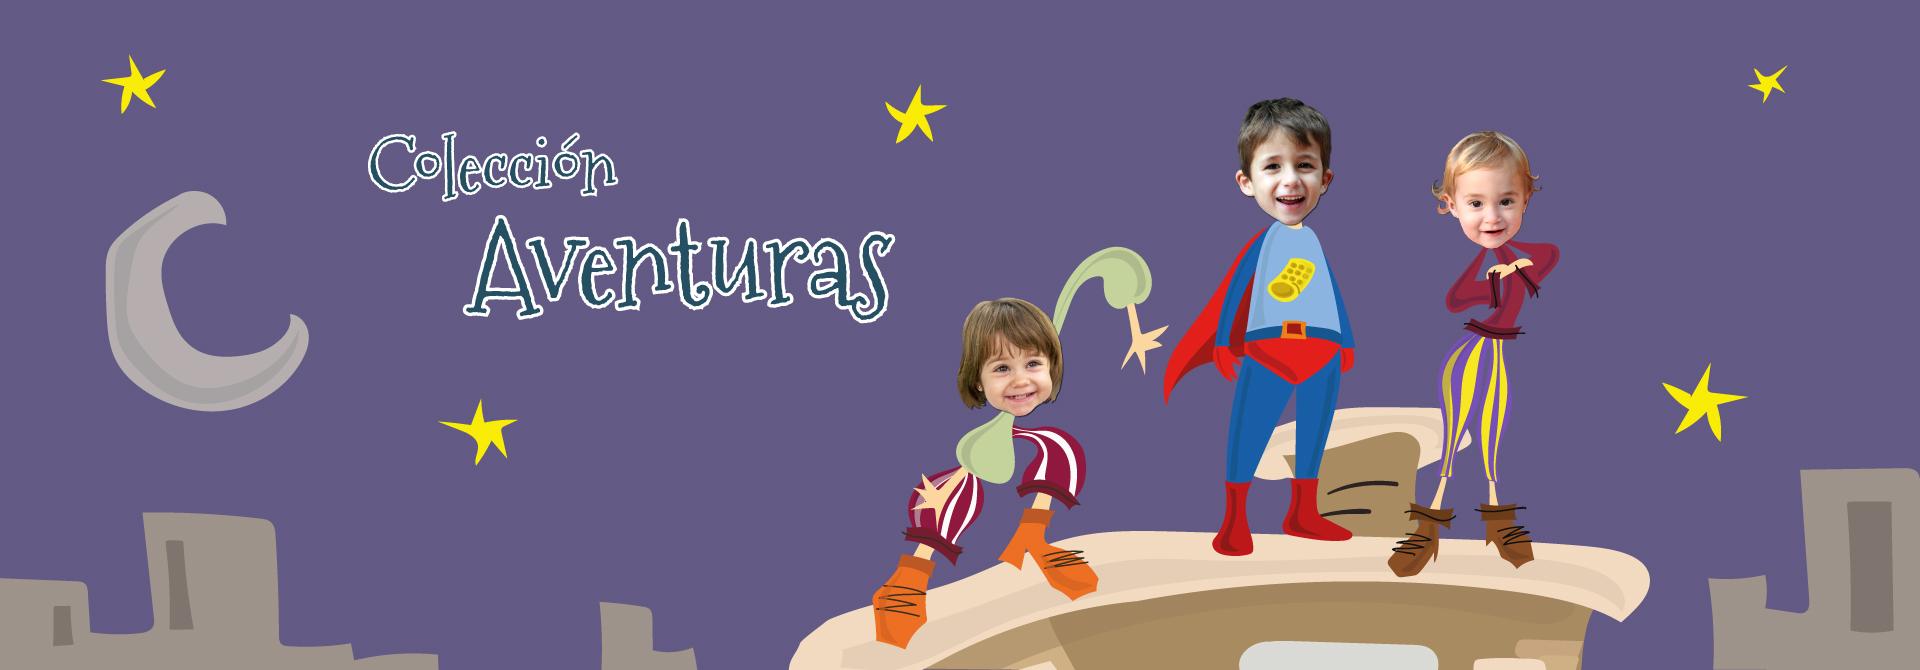 Colección de cuentos de aventuras - Encabezado del producto